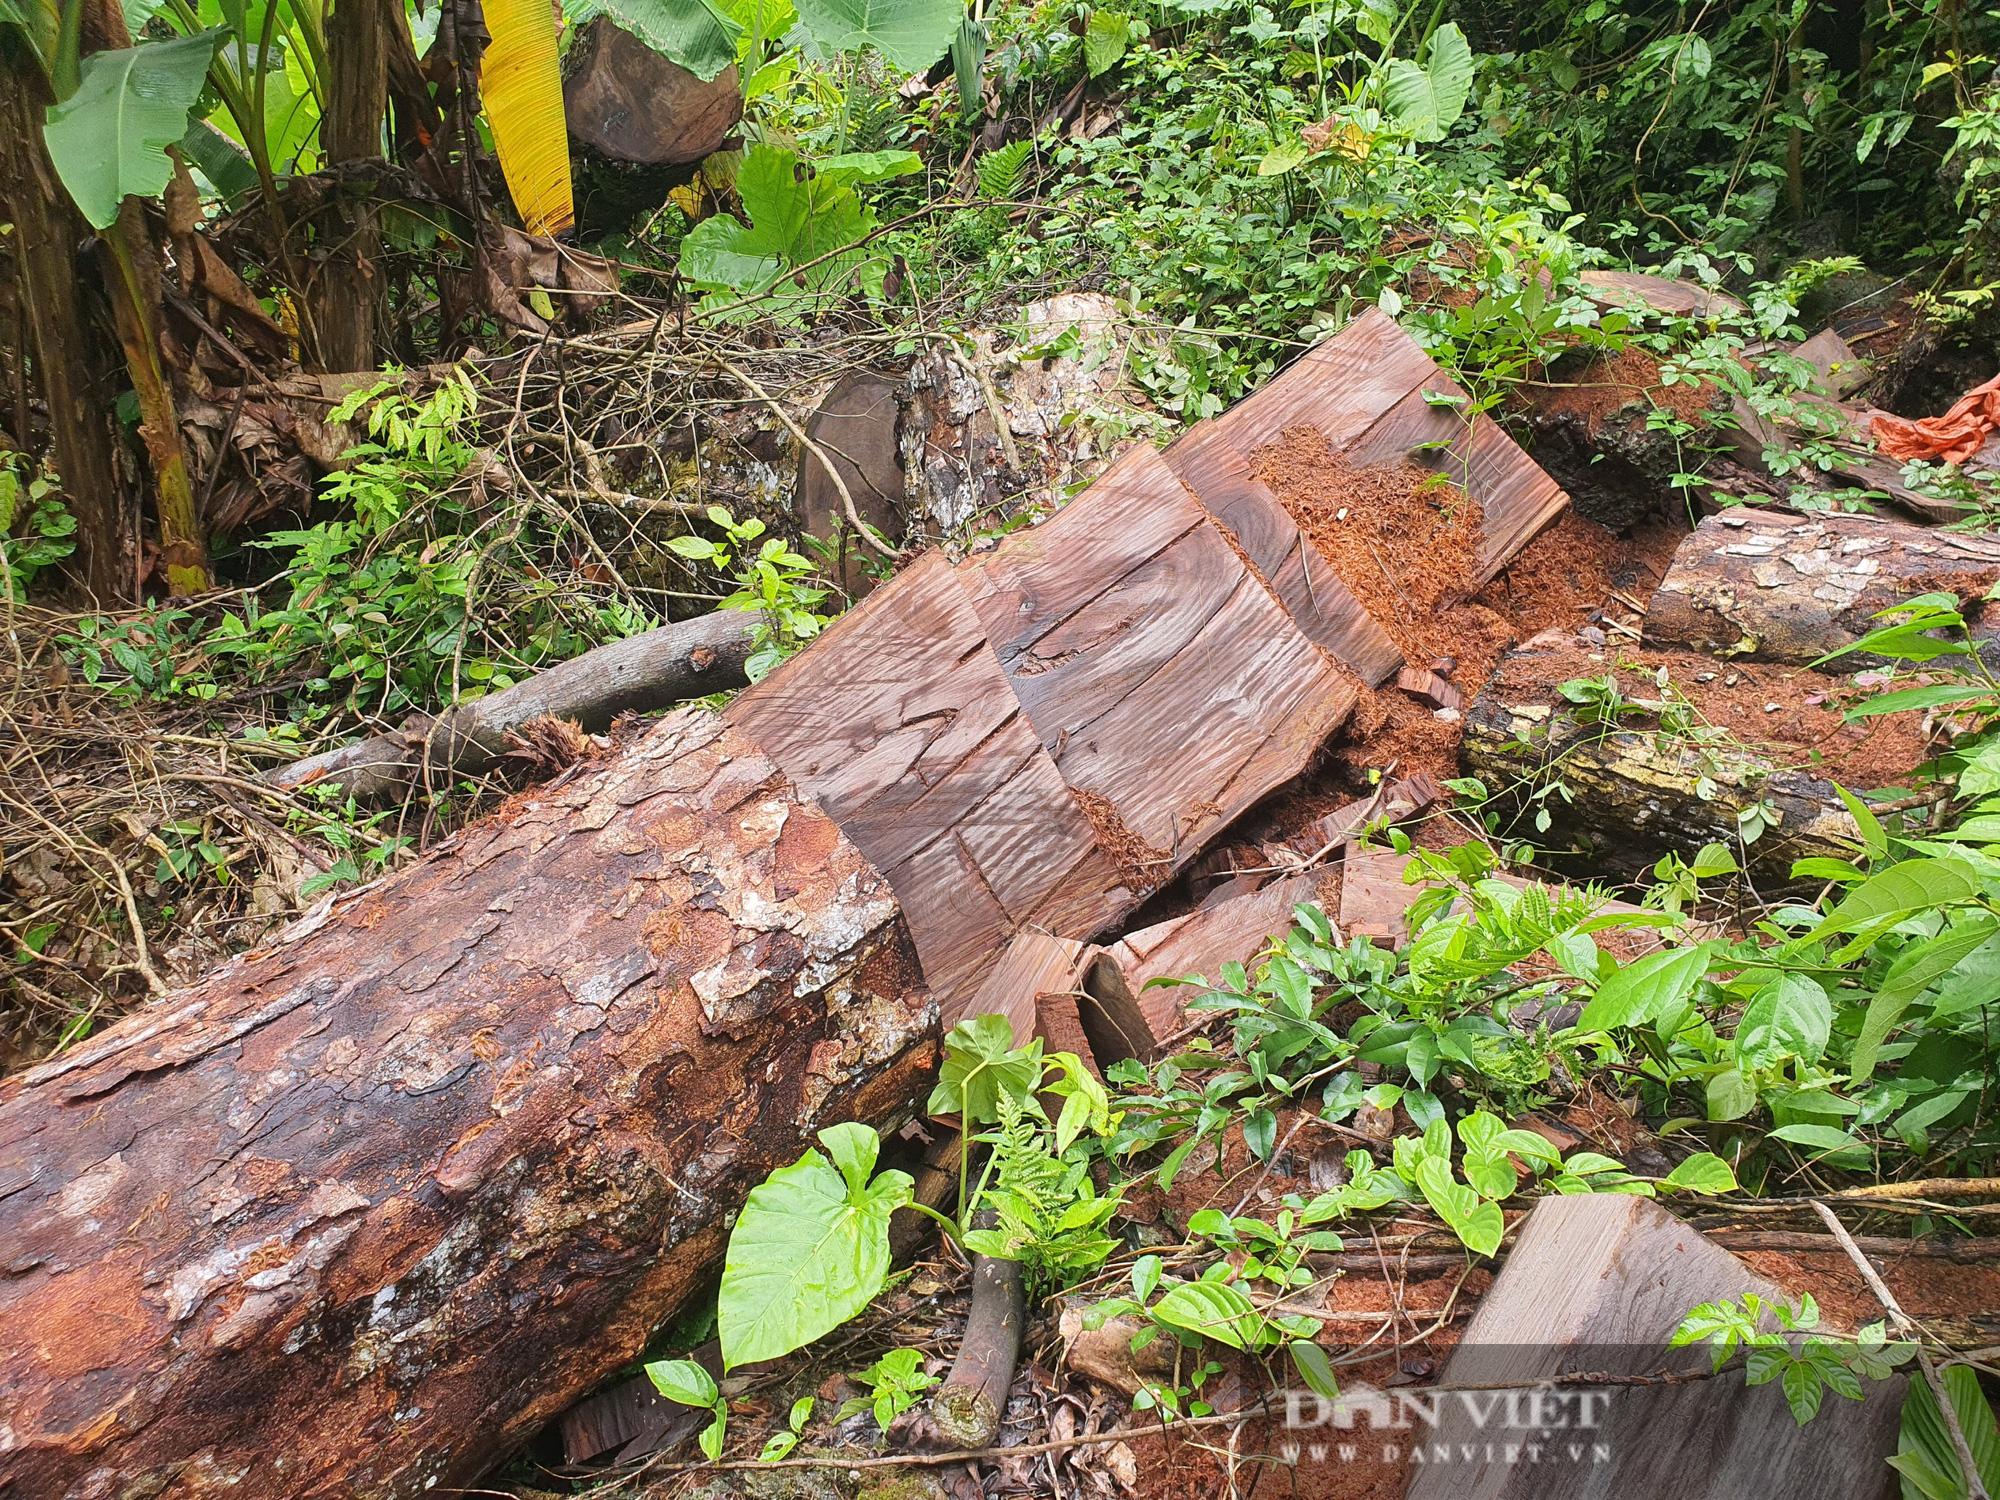 """Cục Kiểm lâm chỉ đạo """"nóng"""" vụ phá rừng quy mô lớn chưa từng có ở Hà Giang - Ảnh 4."""